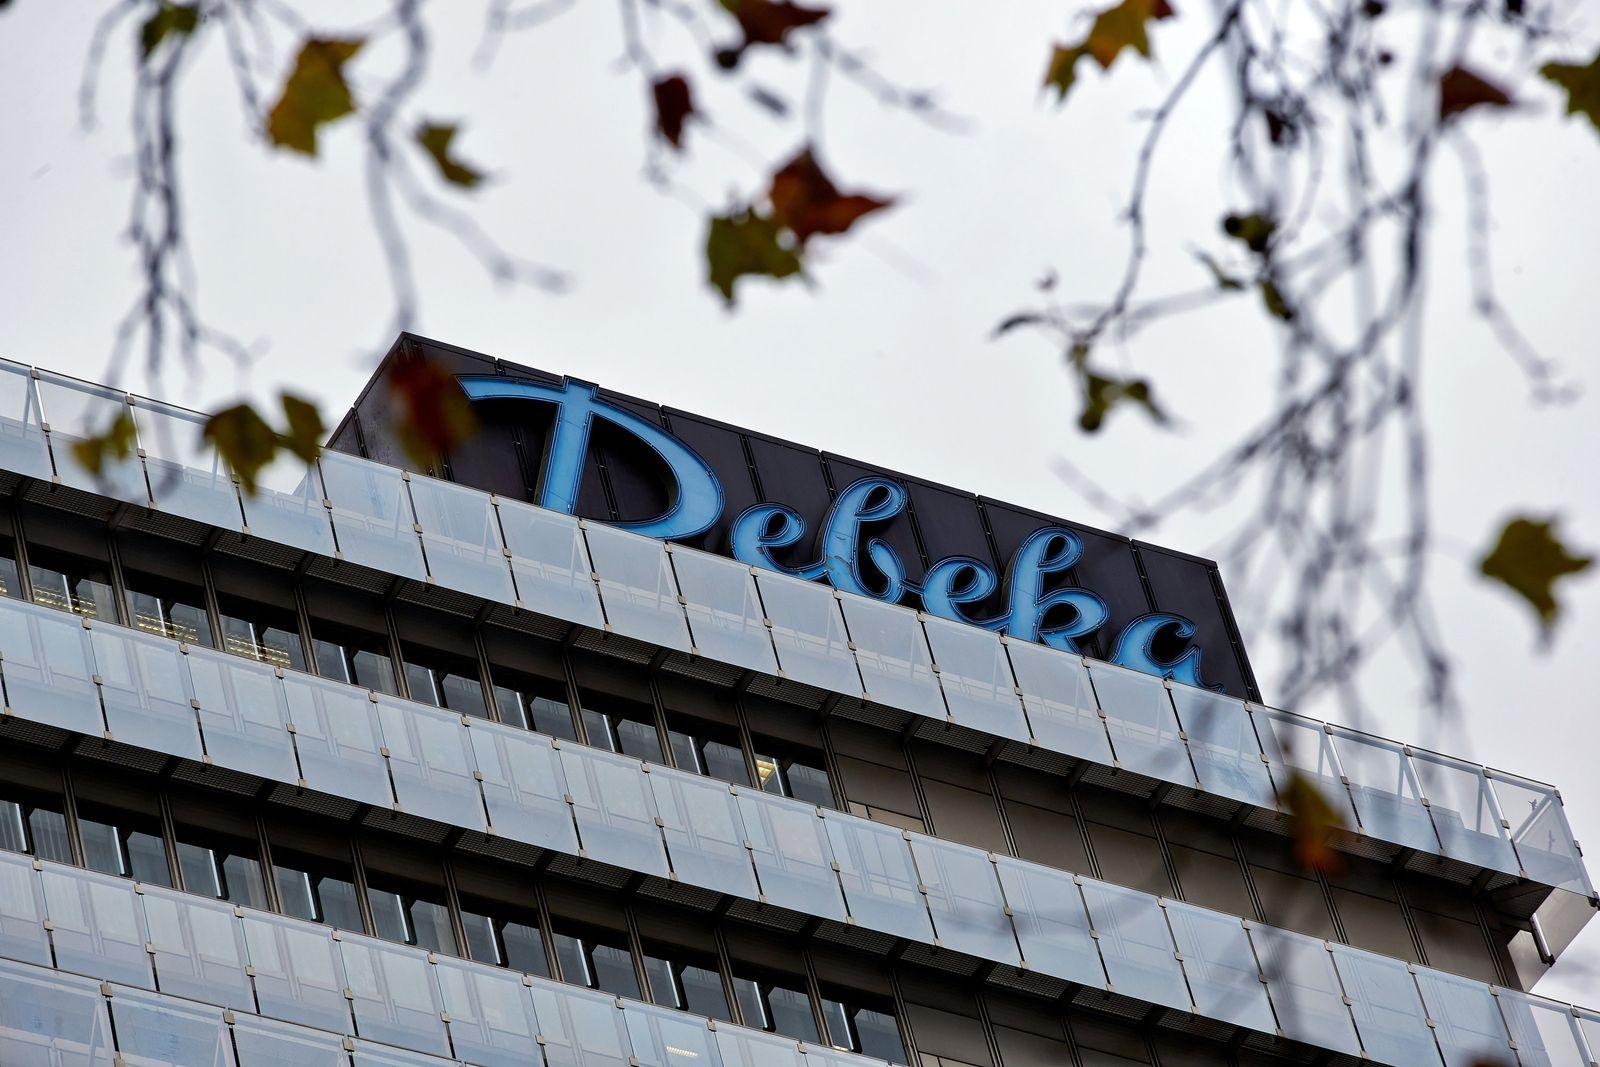 Debeka wird illegaler Datenhandel vorgeworfen